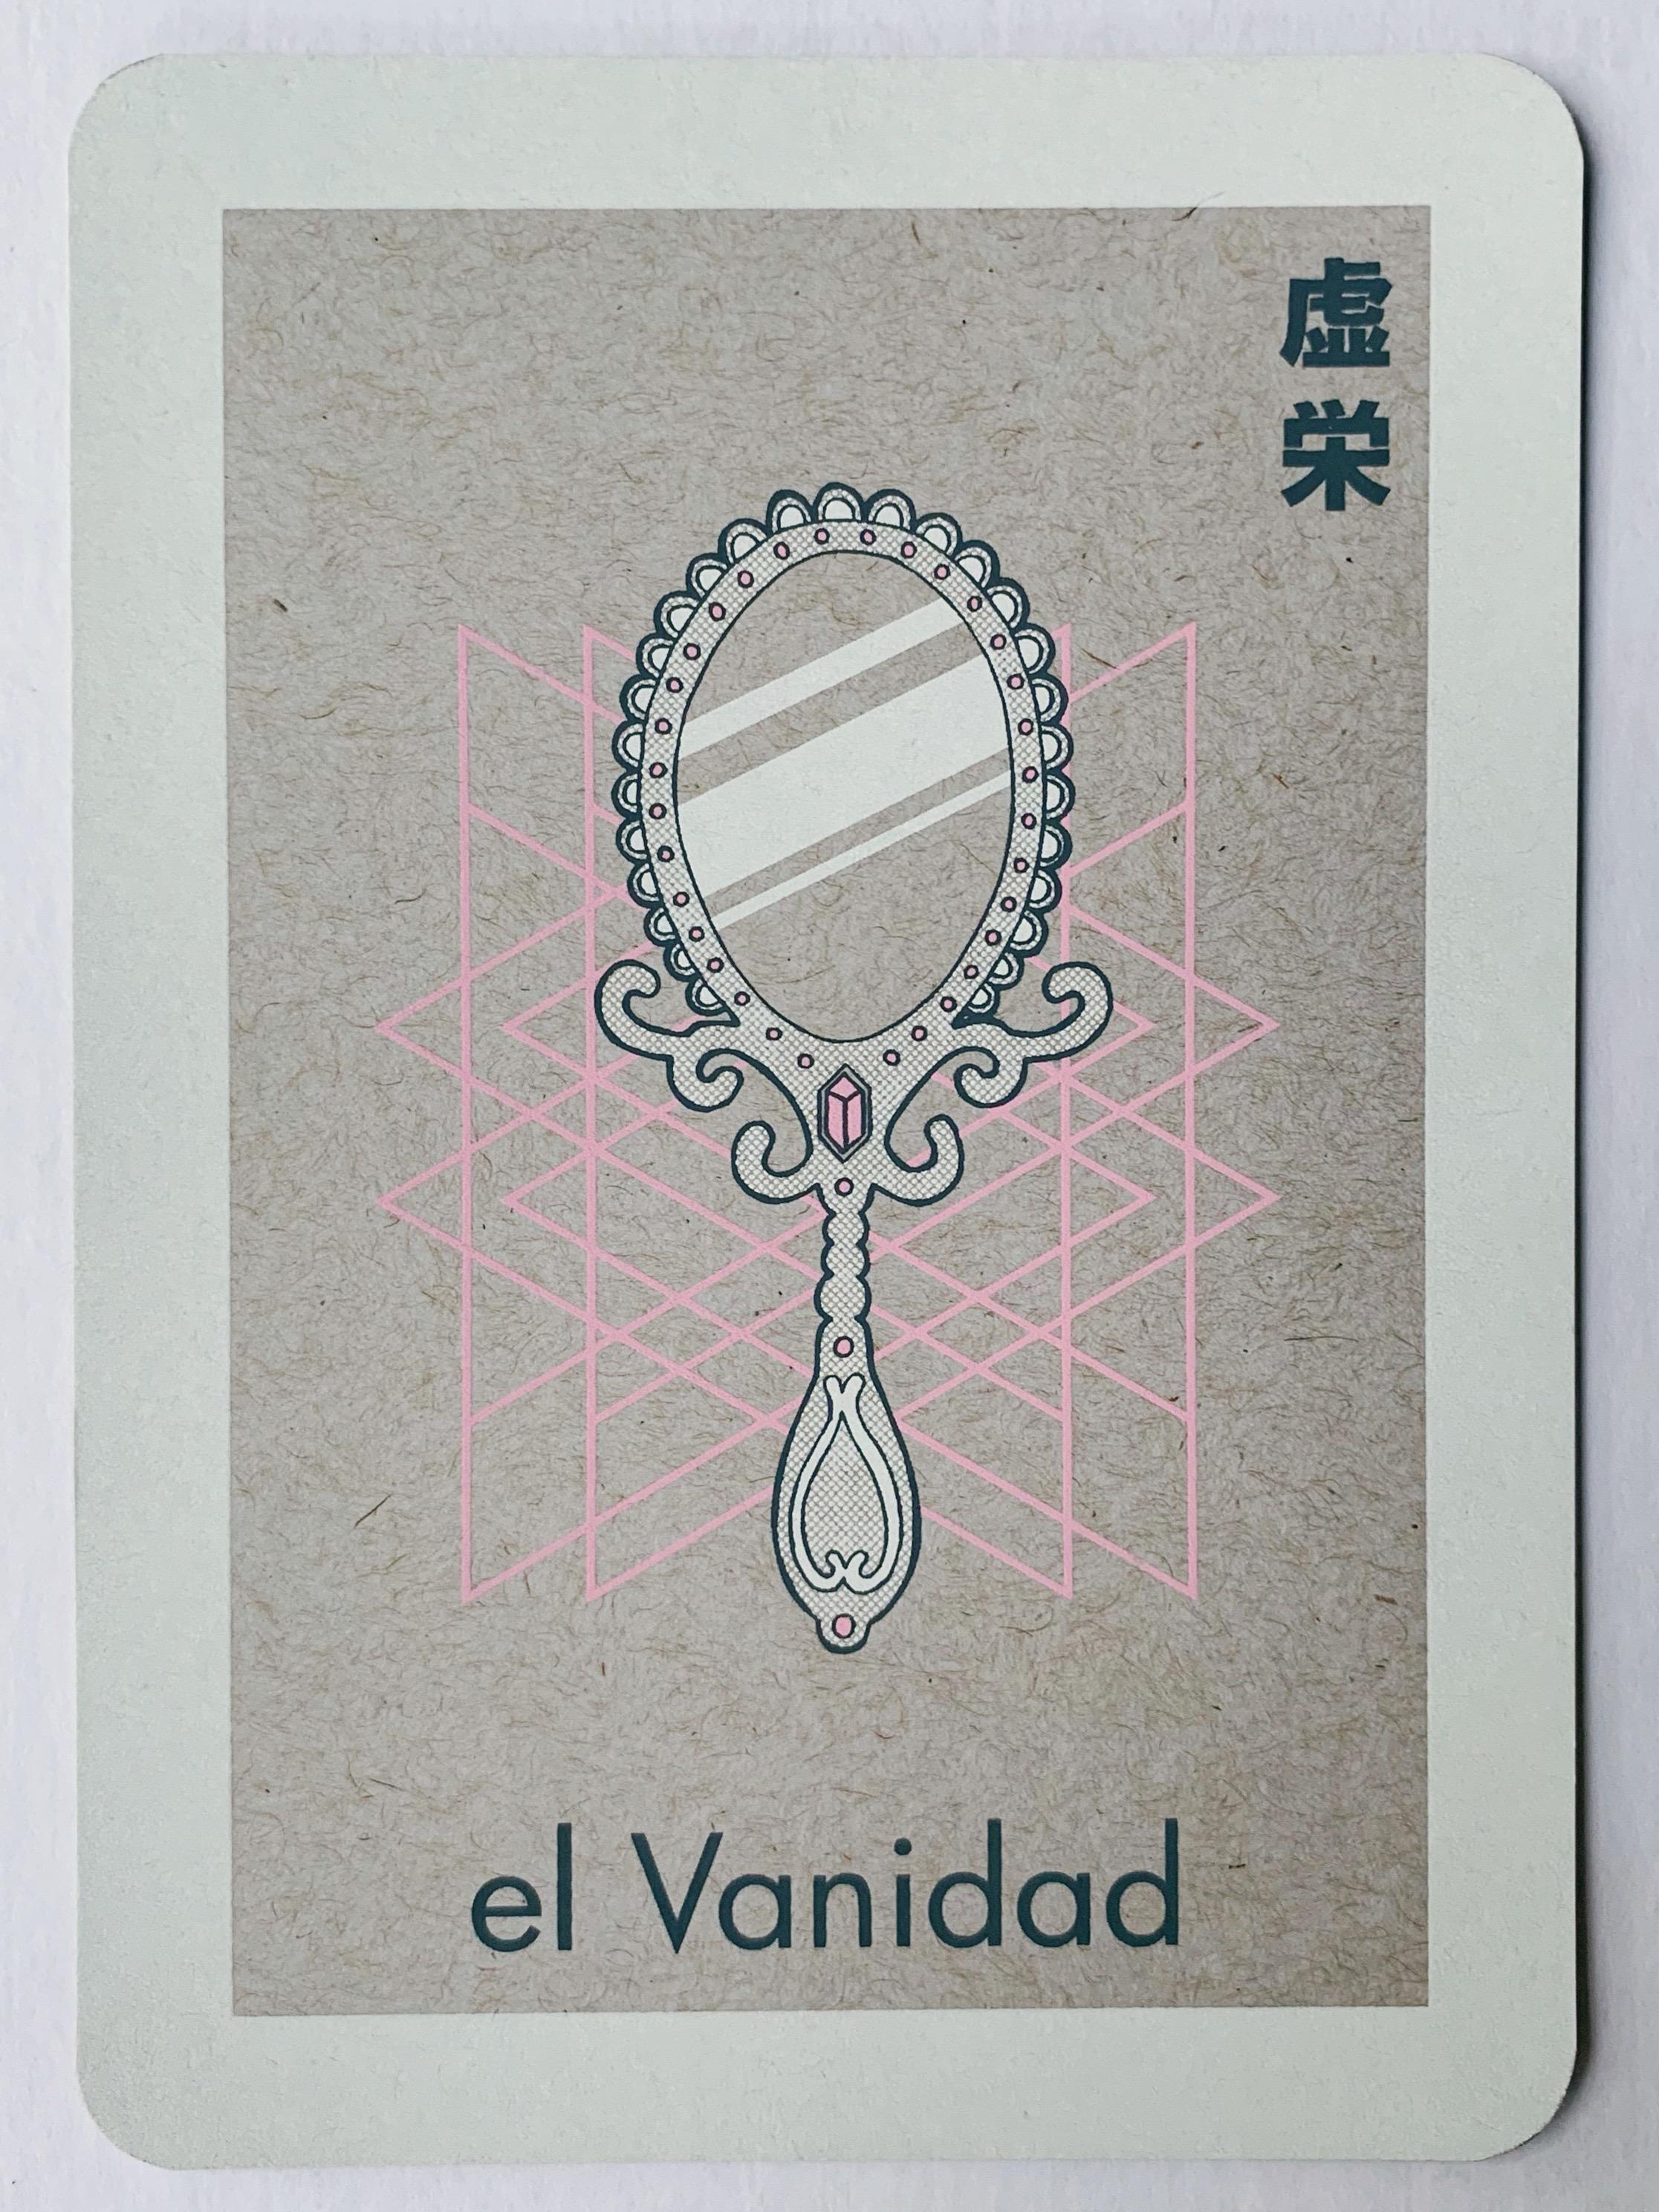 el Vanidad, serigraphy, 2018